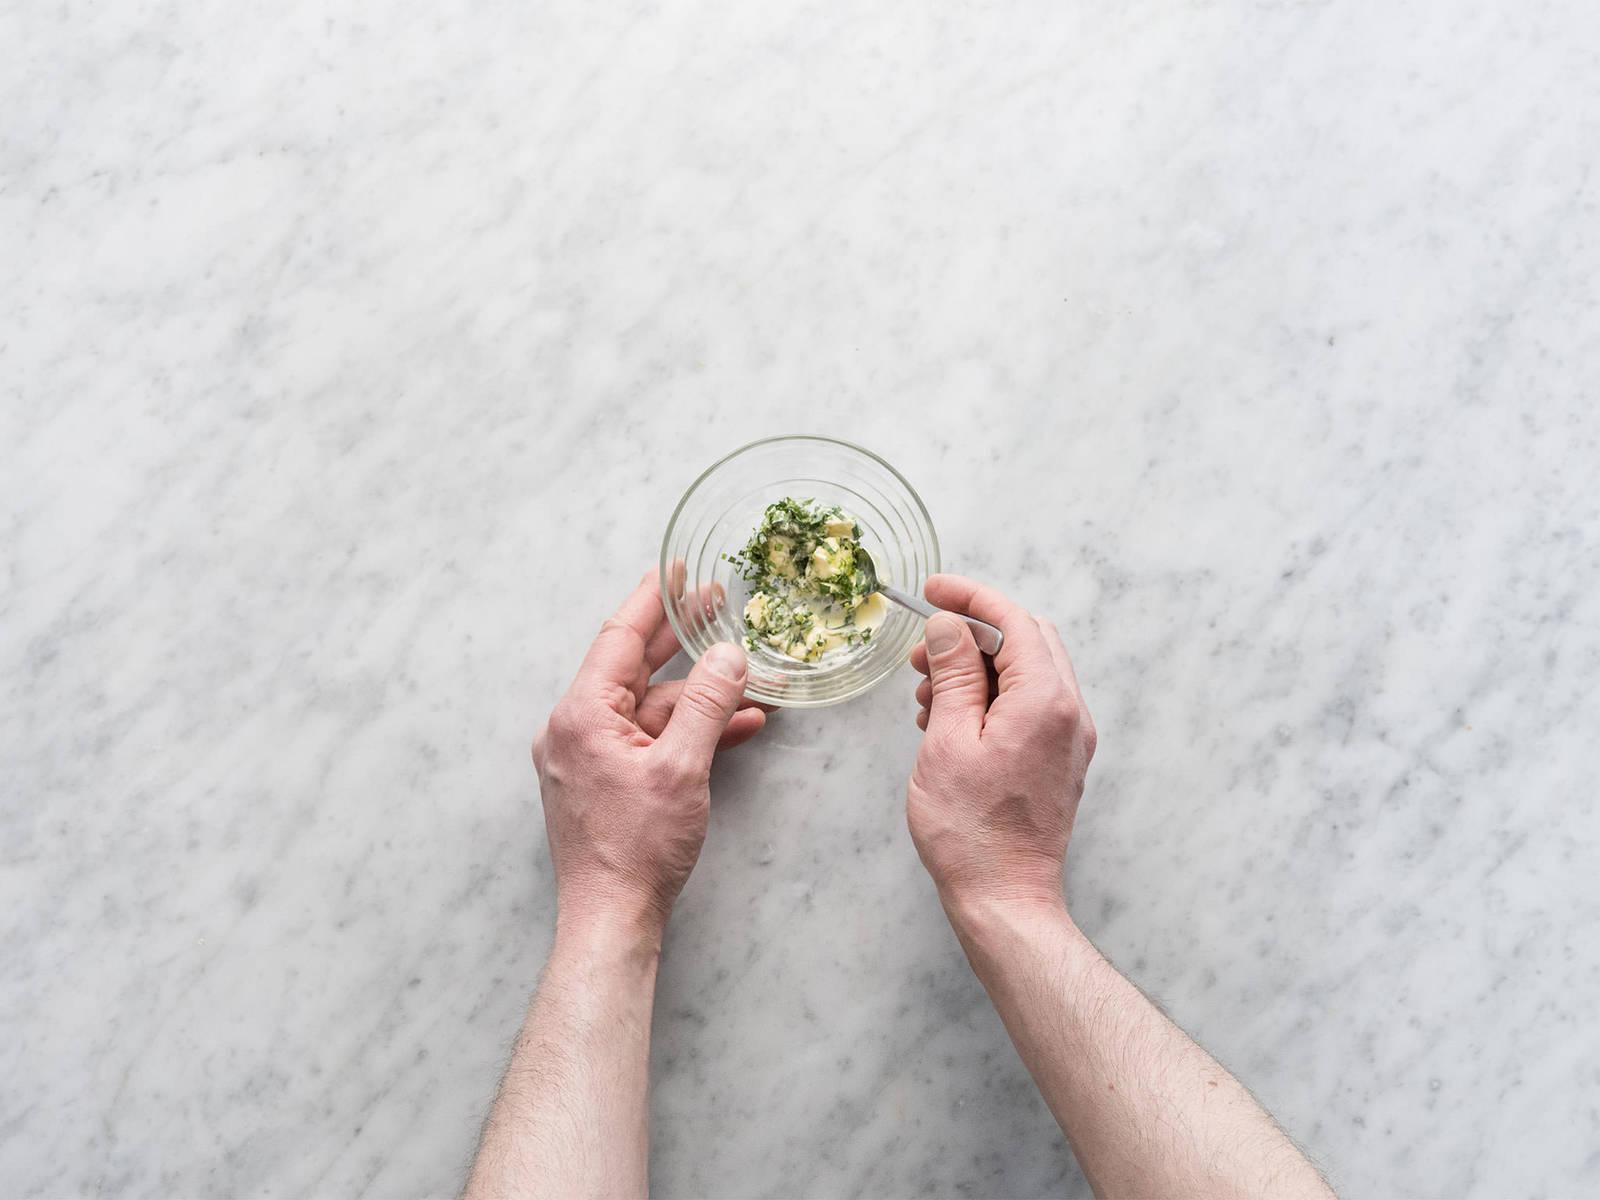 Estragonblätter vom Zweig zupfen und grob hacken. Weiche Butter und Estragon in einer kleinen Schüssel vermengen. Nach Geschmack mit Salz und Pfeffer würzen.